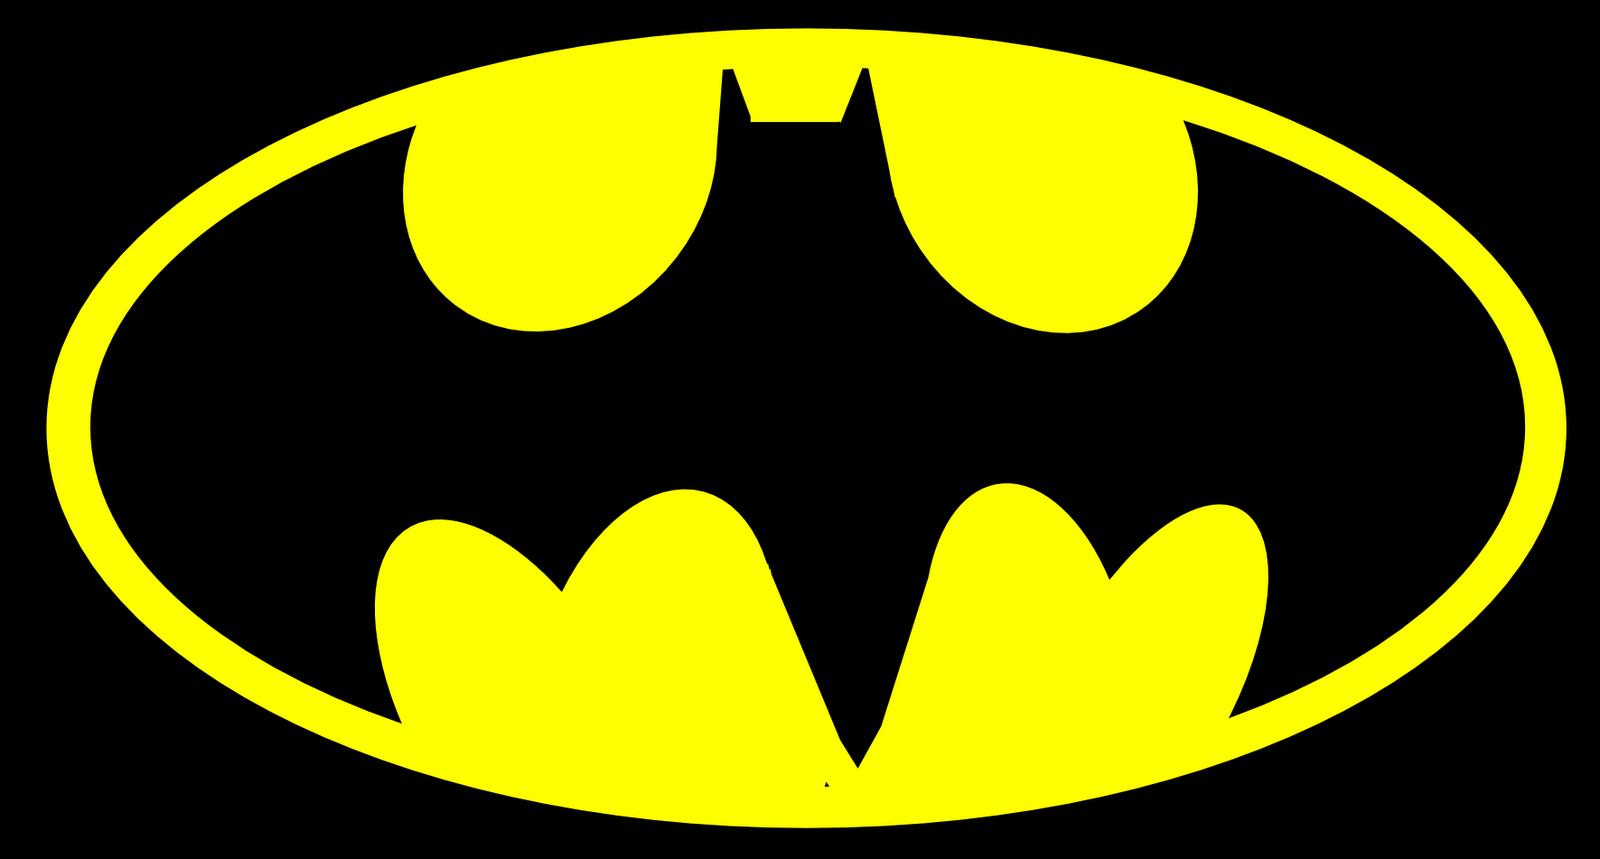 batman clipart images